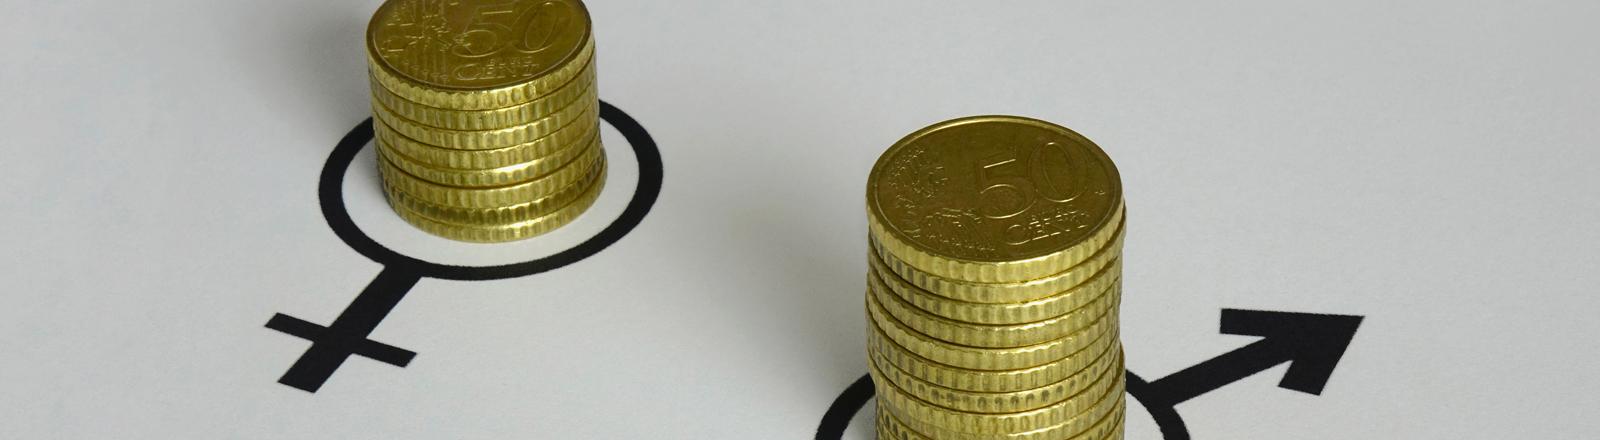 In den Symbolen fuer maennlich und weiblich stehen verschieden grosse Geldstapel.